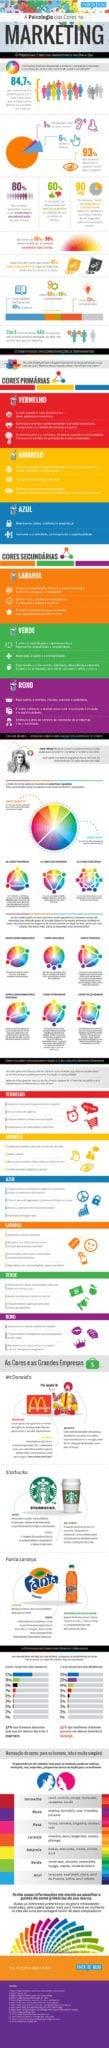 felipetto marketing blog psicologia das cores no marketing